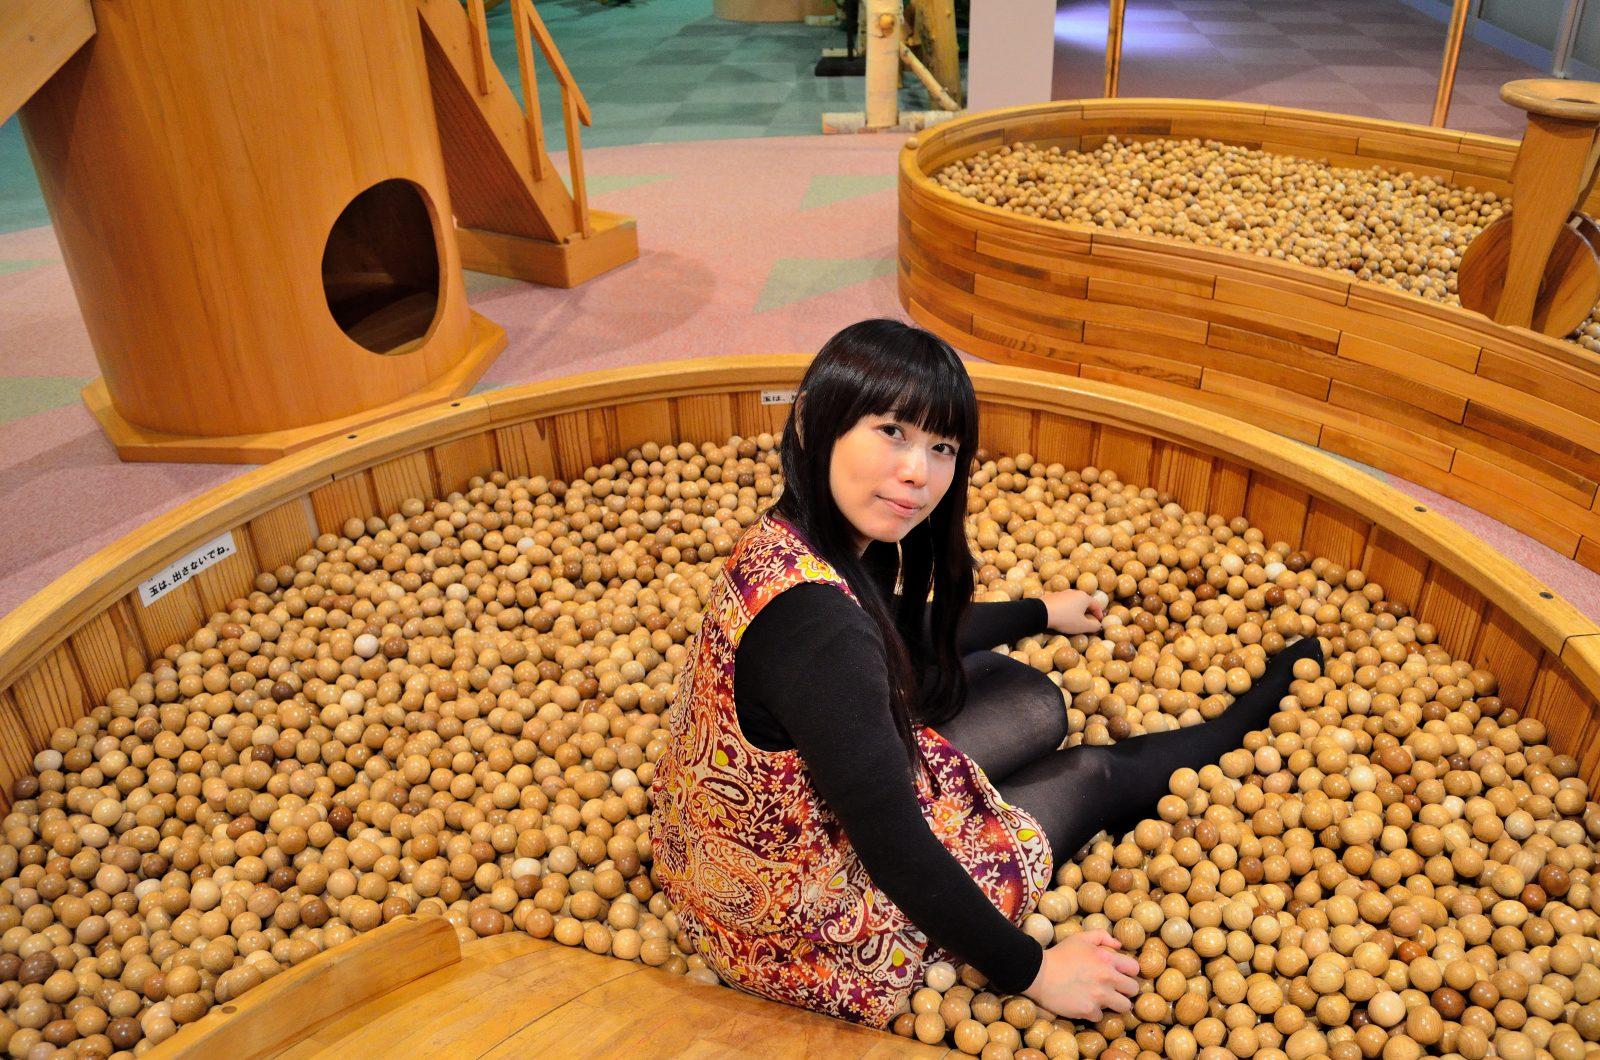 まるで木の遊園地! 森の美術館「木夢」で木のおもちゃと触れ合おう!